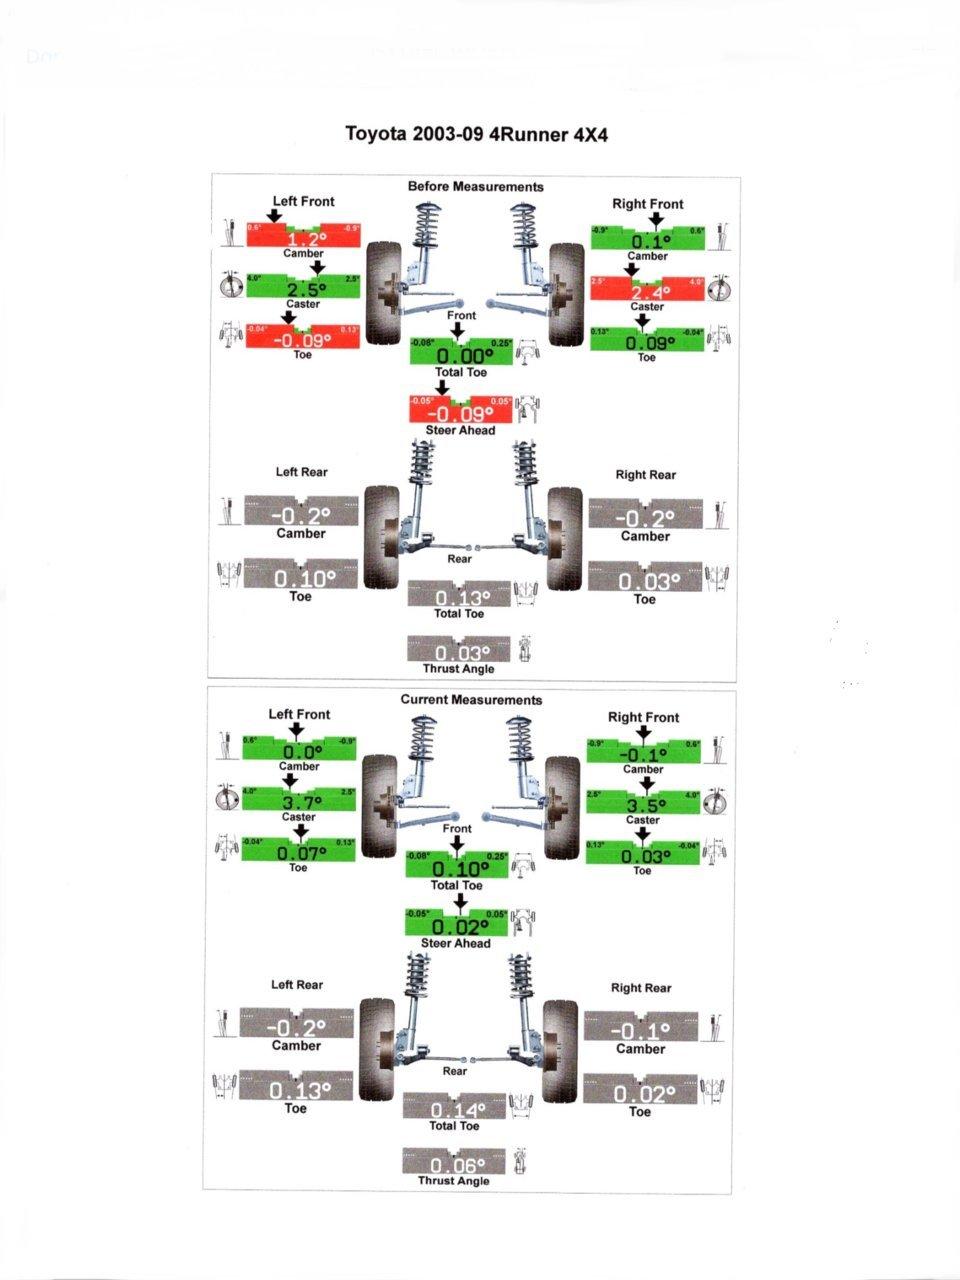 5A192961-6836-440B-A1C6-6B76364BDD6C.jpg